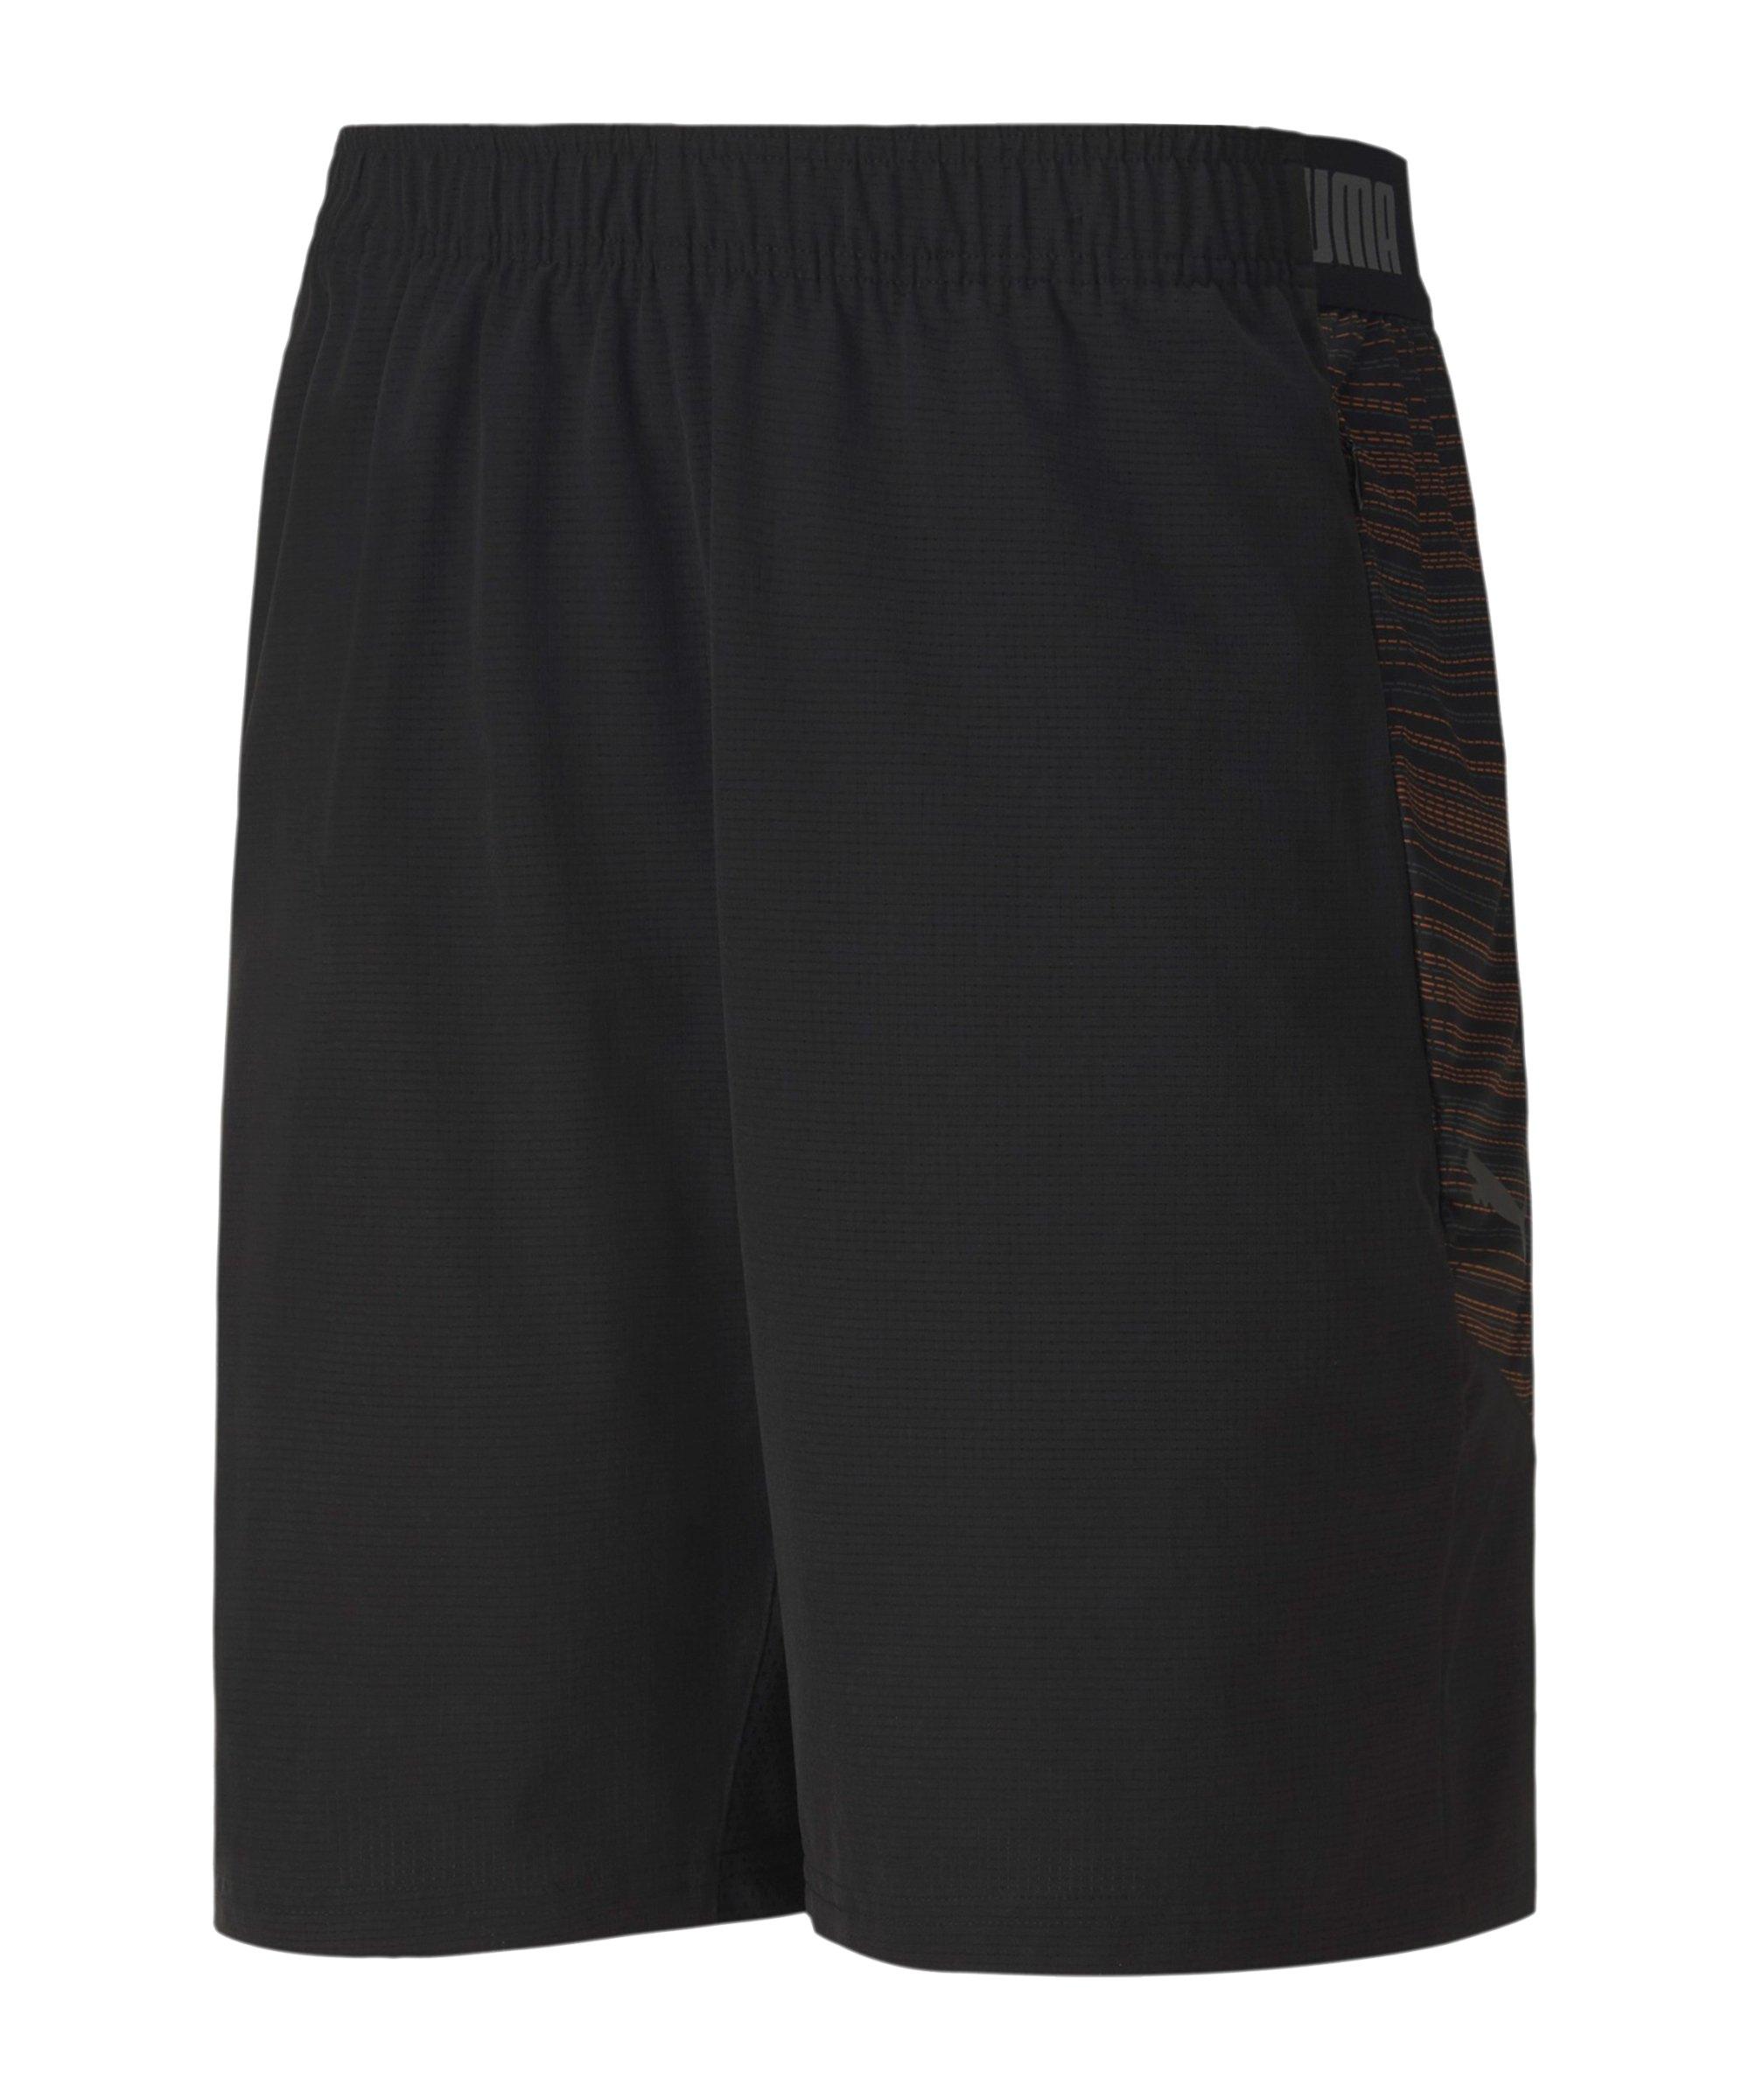 PUMA ftblNXT Pro Short Schwarz F01 - schwarz